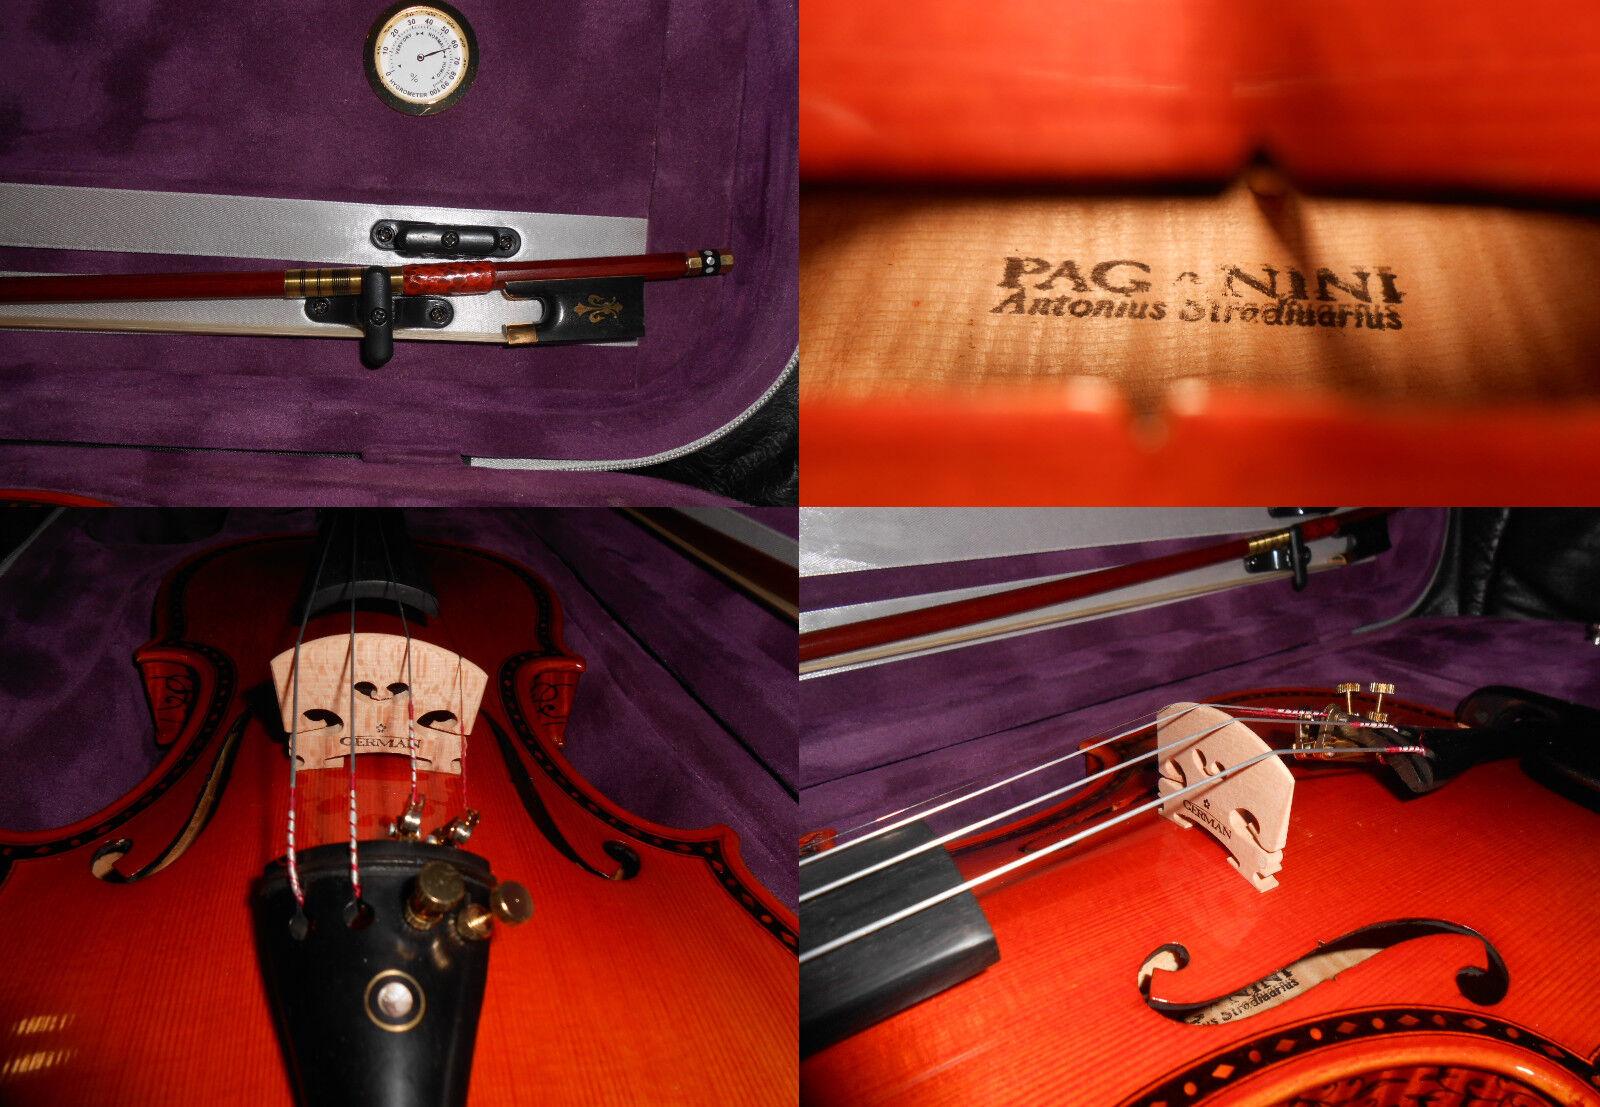 Eine wunderschöne seltene Antonius Stradivarius Violine Geige Violin Violin Violin Violino 9c6b3c